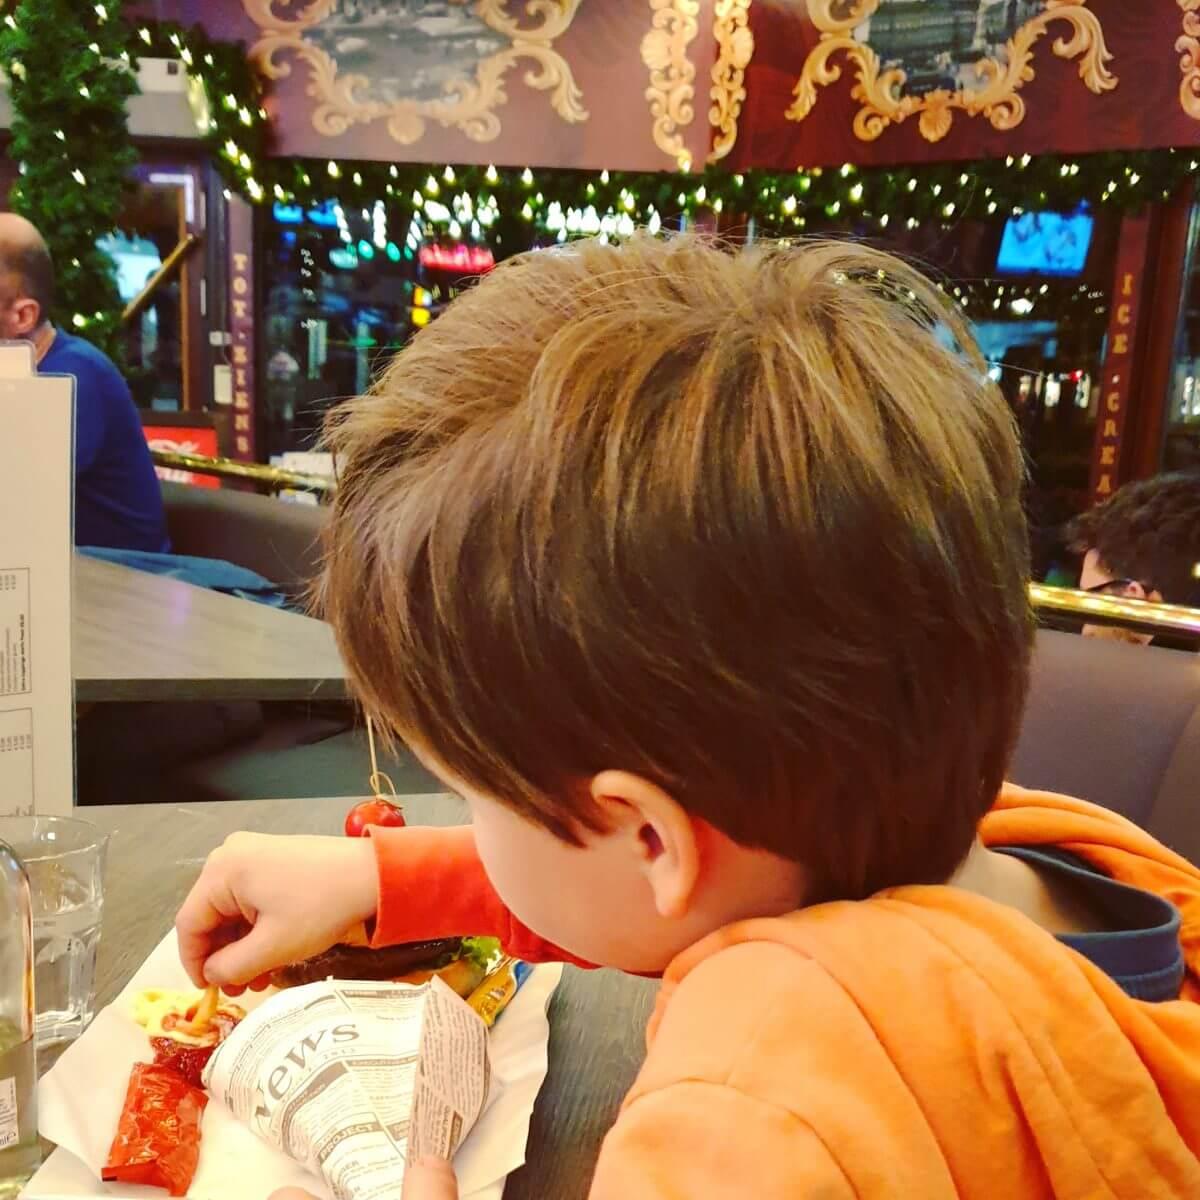 pannenkoekenrestaurant De Carrousel aan het Weteringcircuit